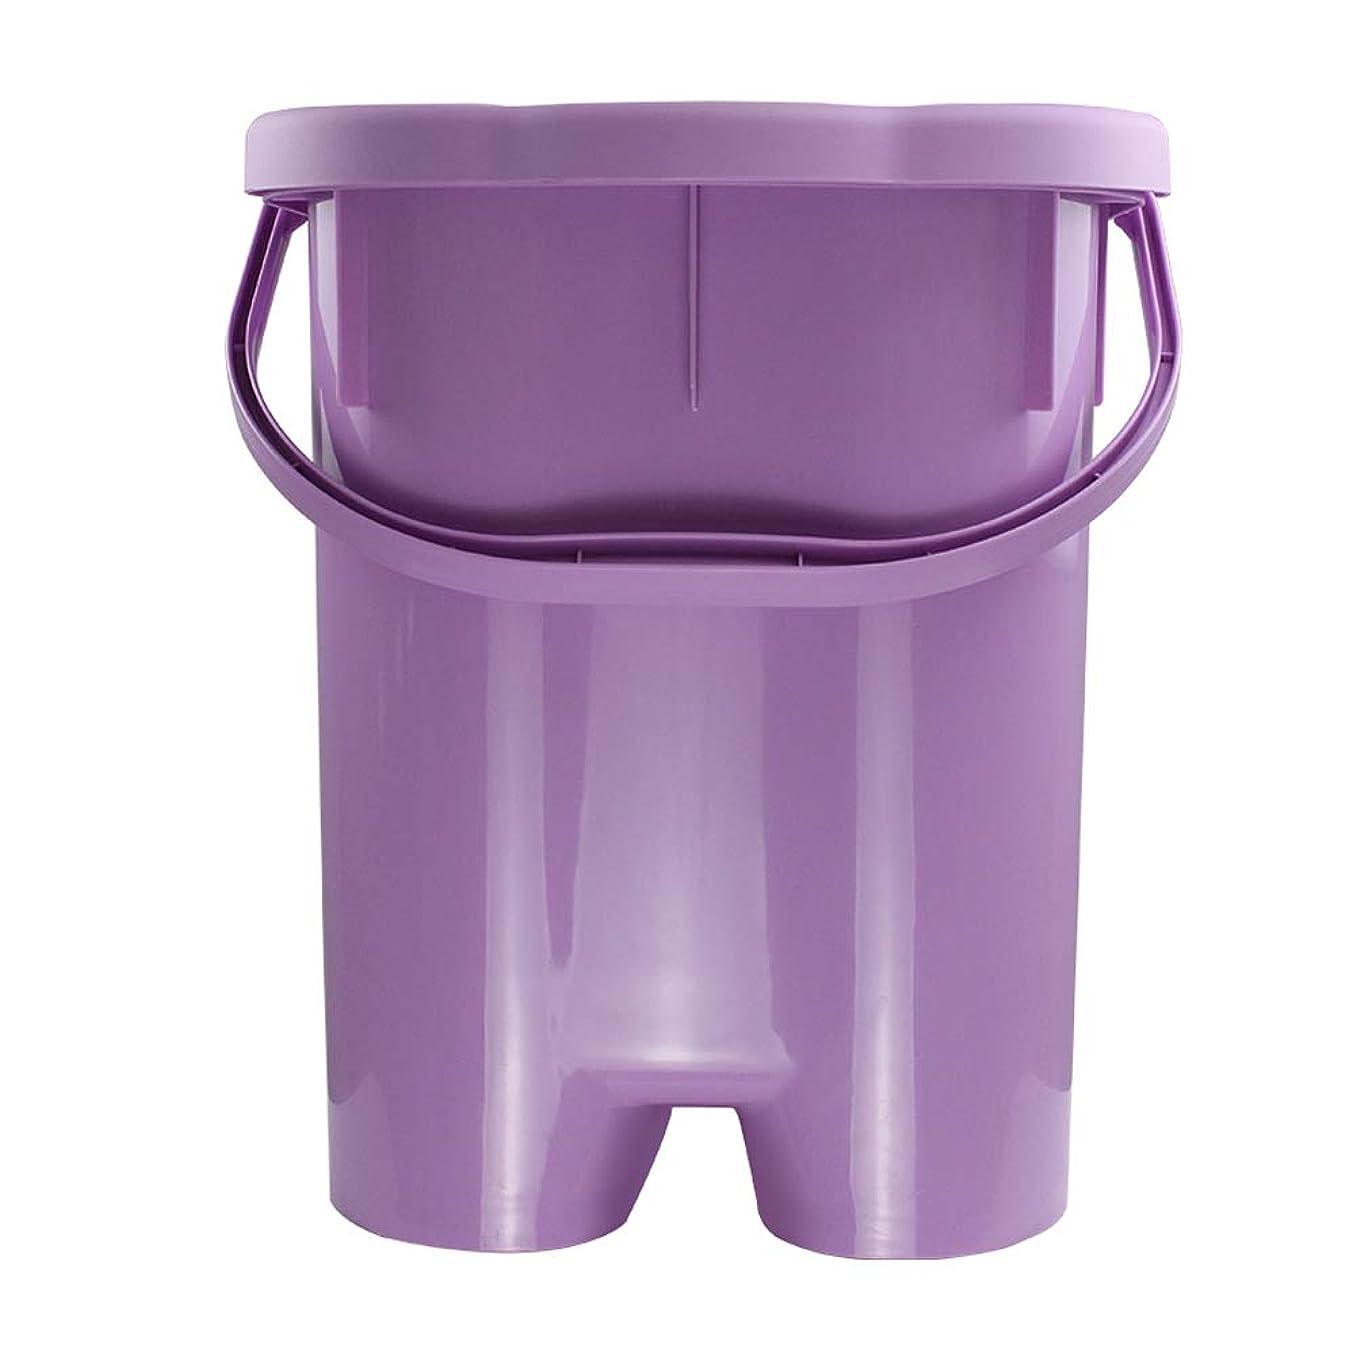 年金キャプションまだ家庭用シンプルな発泡盆たたみ足湯発泡バケツバレル深いバレルポータブル厚いプラスチックフォーム盆地